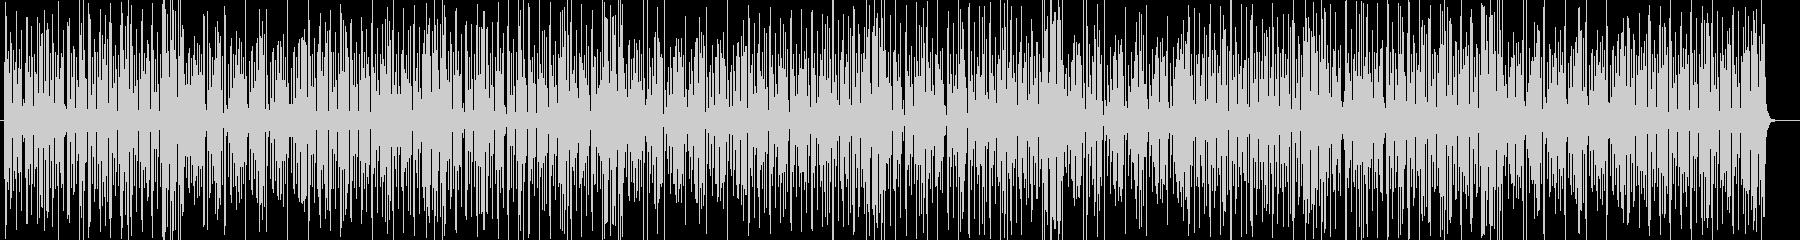 シリアスなトランペット弦楽器などジャズ系の未再生の波形